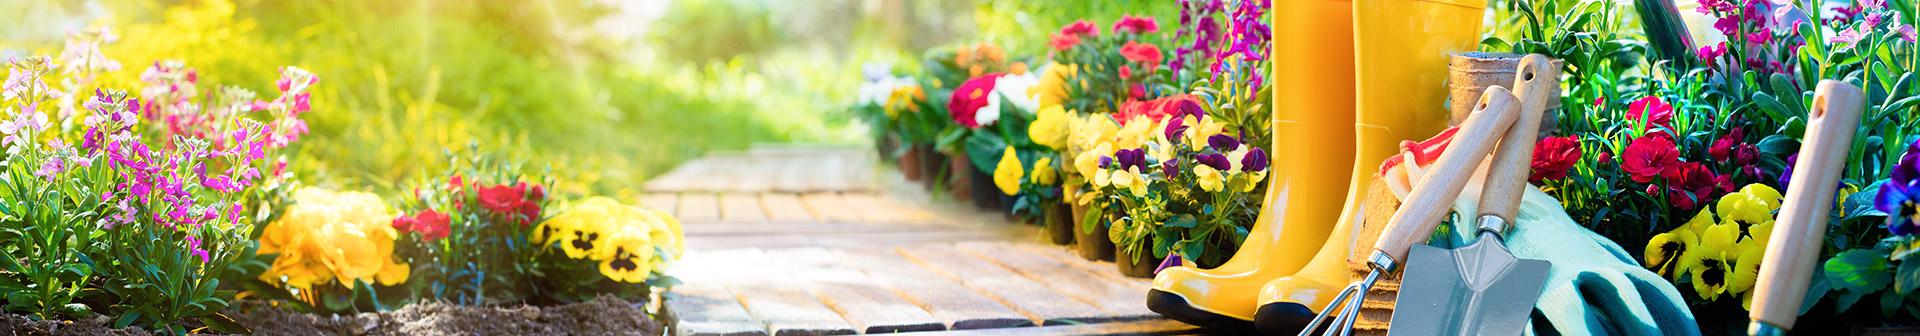 beet-und-balkonblumen_gaertnerei_erlangen